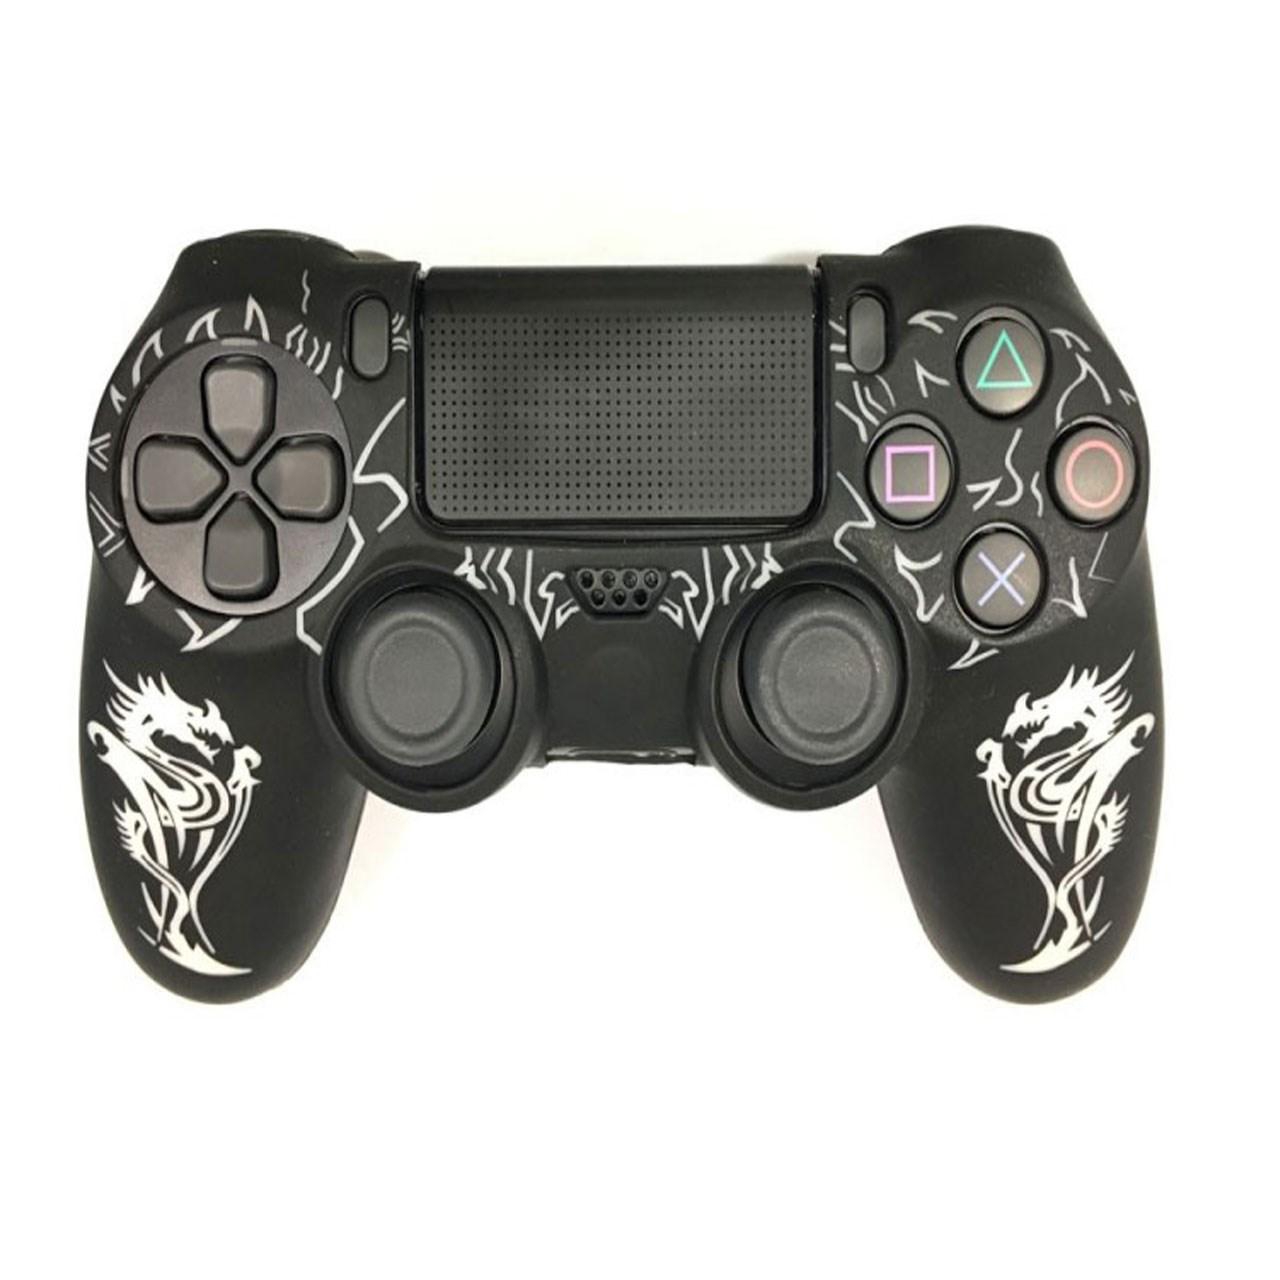 محافظ دسته PS4 مدل 2 Dragon